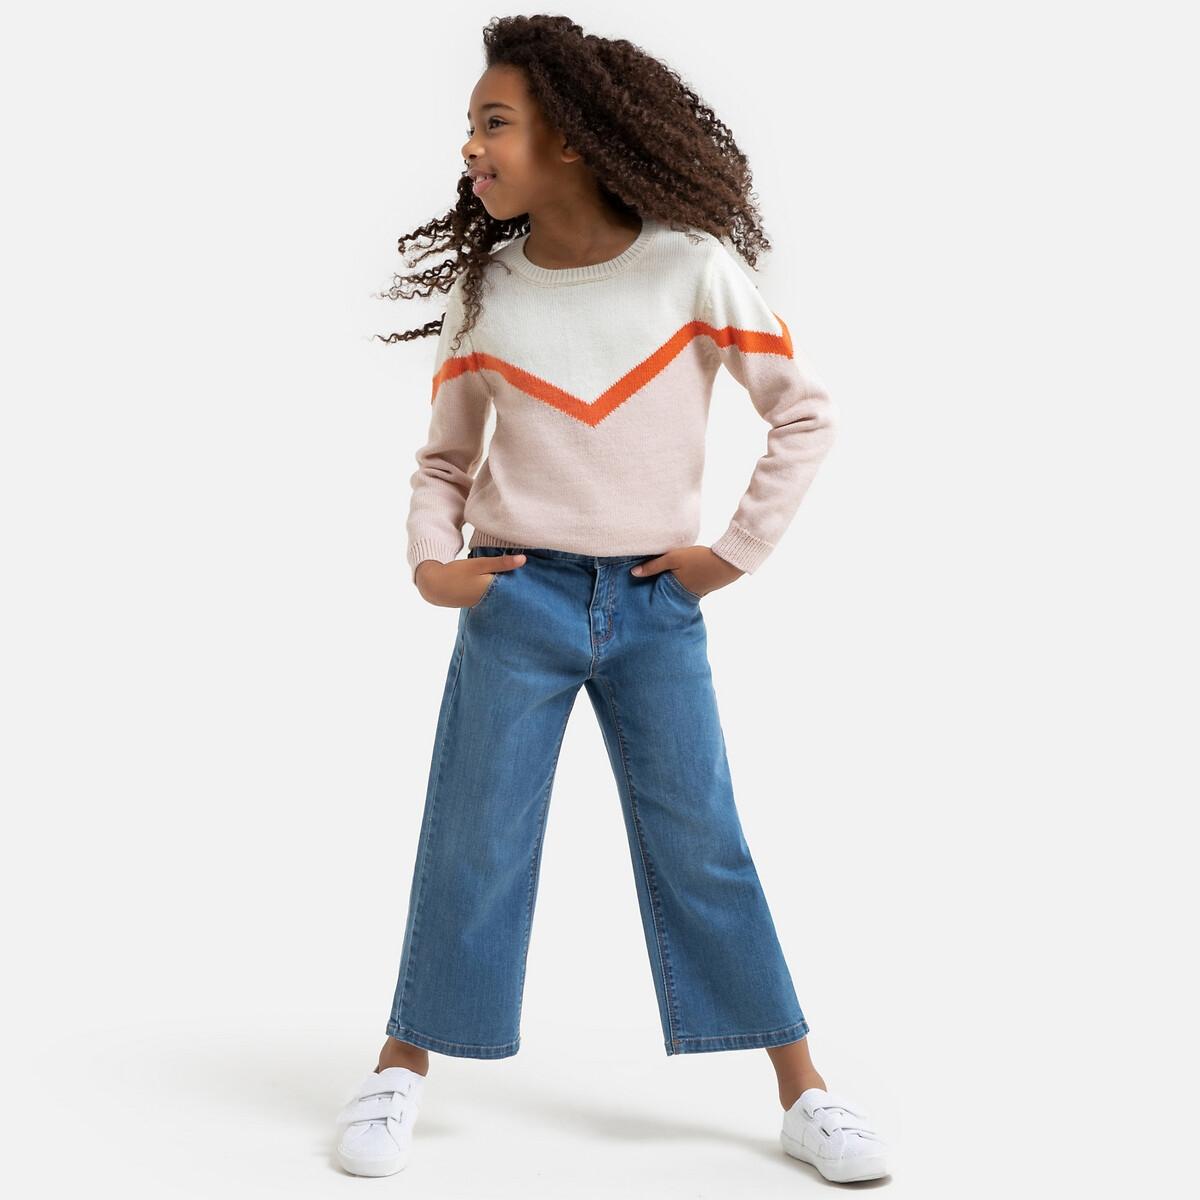 Фото - Джинсы LaRedoute Широкие 3-14 лет 8 лет - 126 см синий рубашка laredoute джинсовая 3 12 лет 8 лет 126 см синий